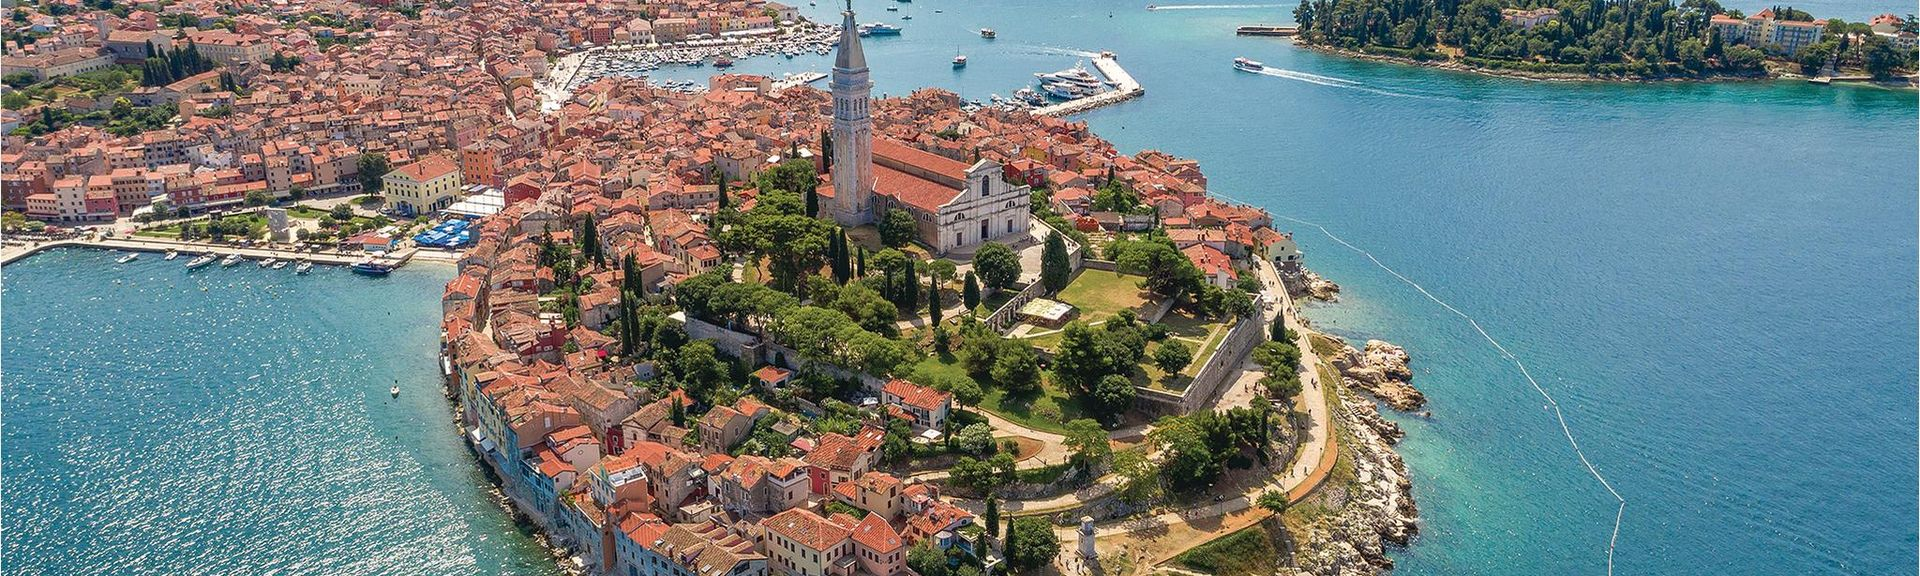 Montizana, Porec, Istria (condado), Croácia